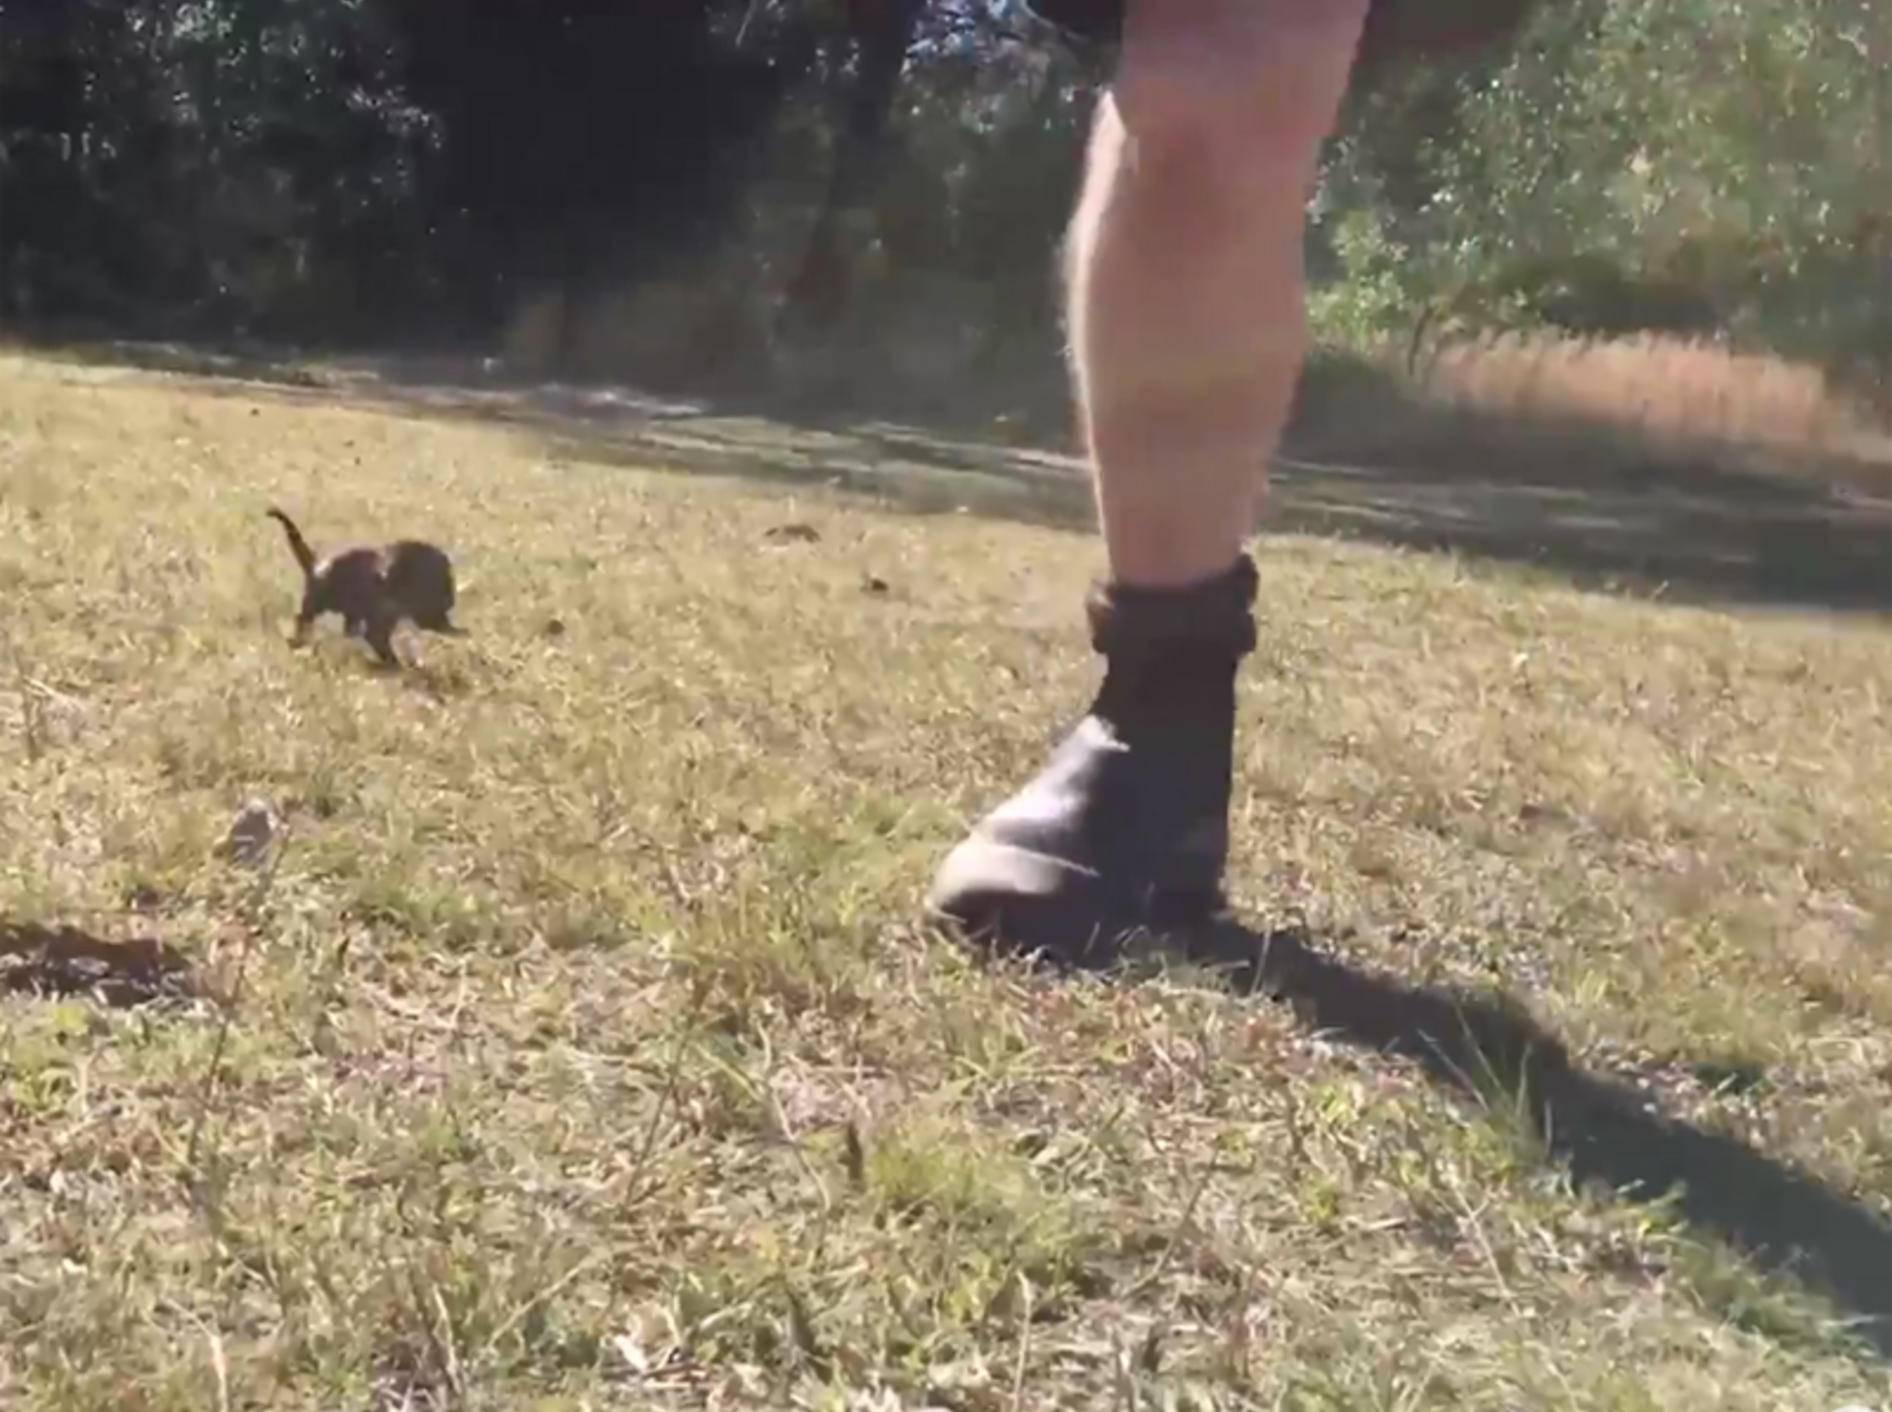 Baby-Tasmanischer Teufel jagt seinen Pfleger – YouTube / The Dodo